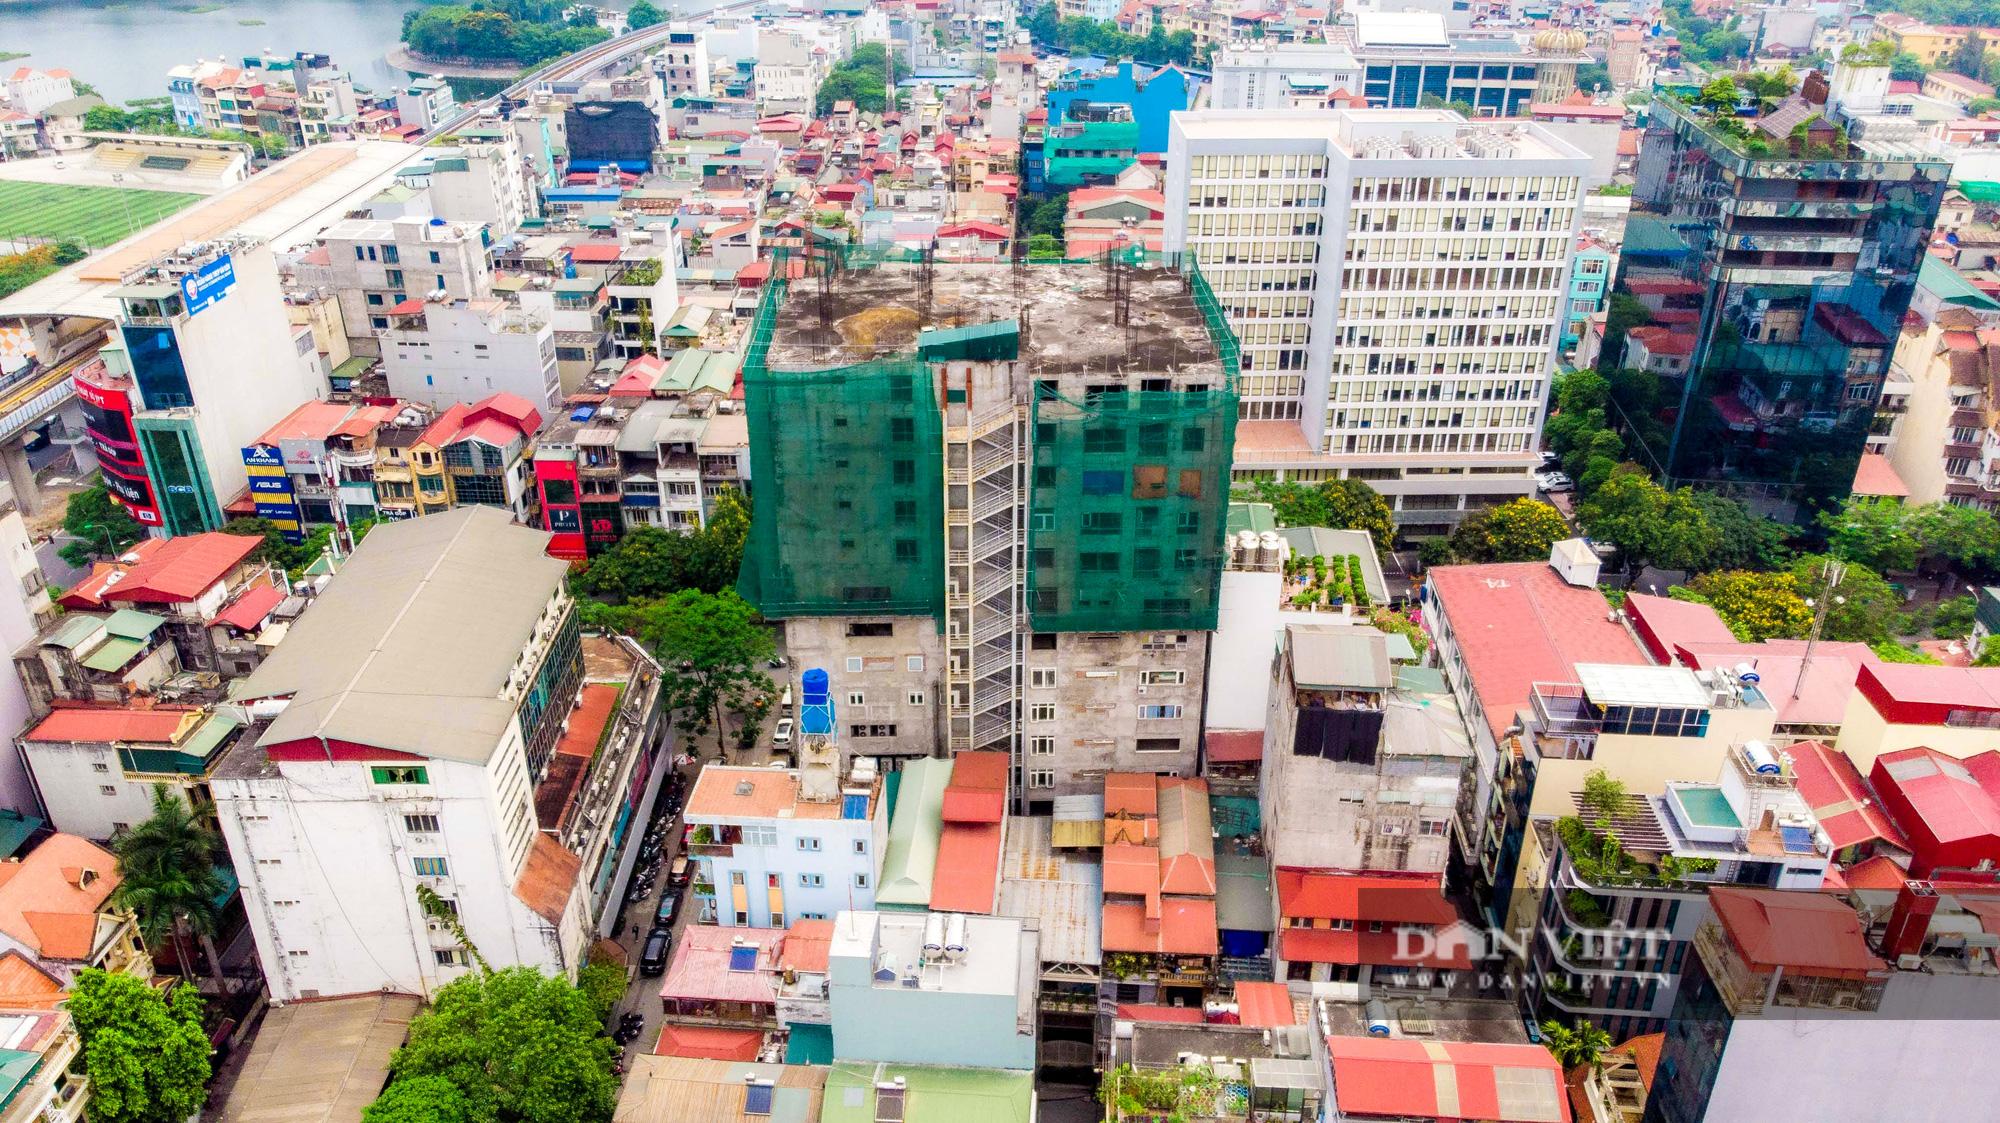 """Toàn cảnh dự án cao ốc 131 Thái Hà bị """"lãng quên"""" hơn 1 thập kỷ - Ảnh 11."""